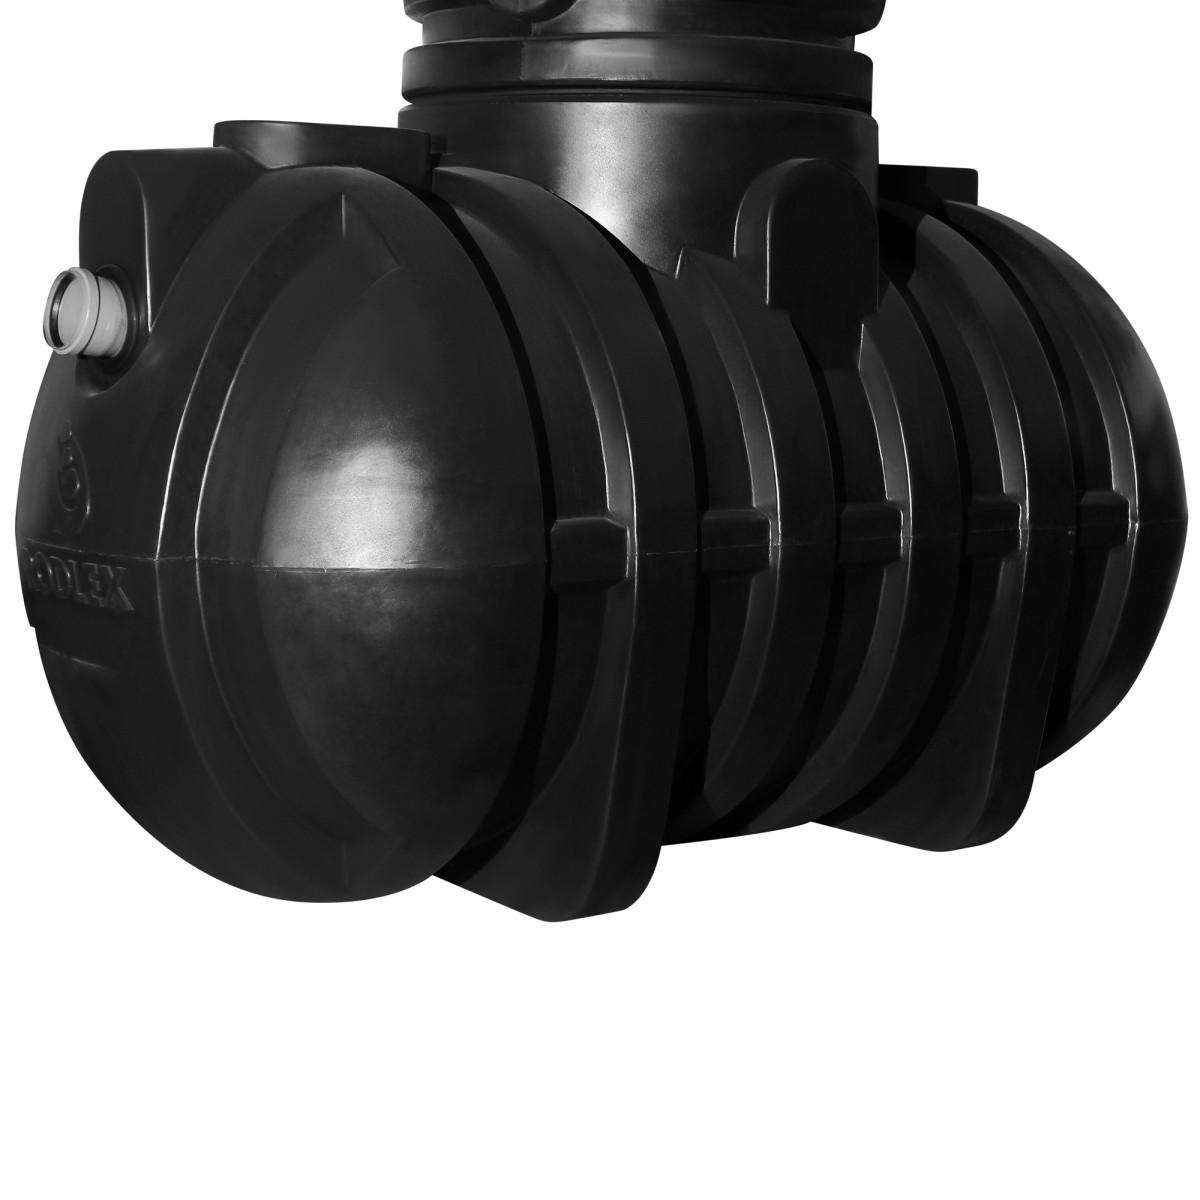 Септик двухкамерный 2000 литров для 2-3 человек 600 л/сутки